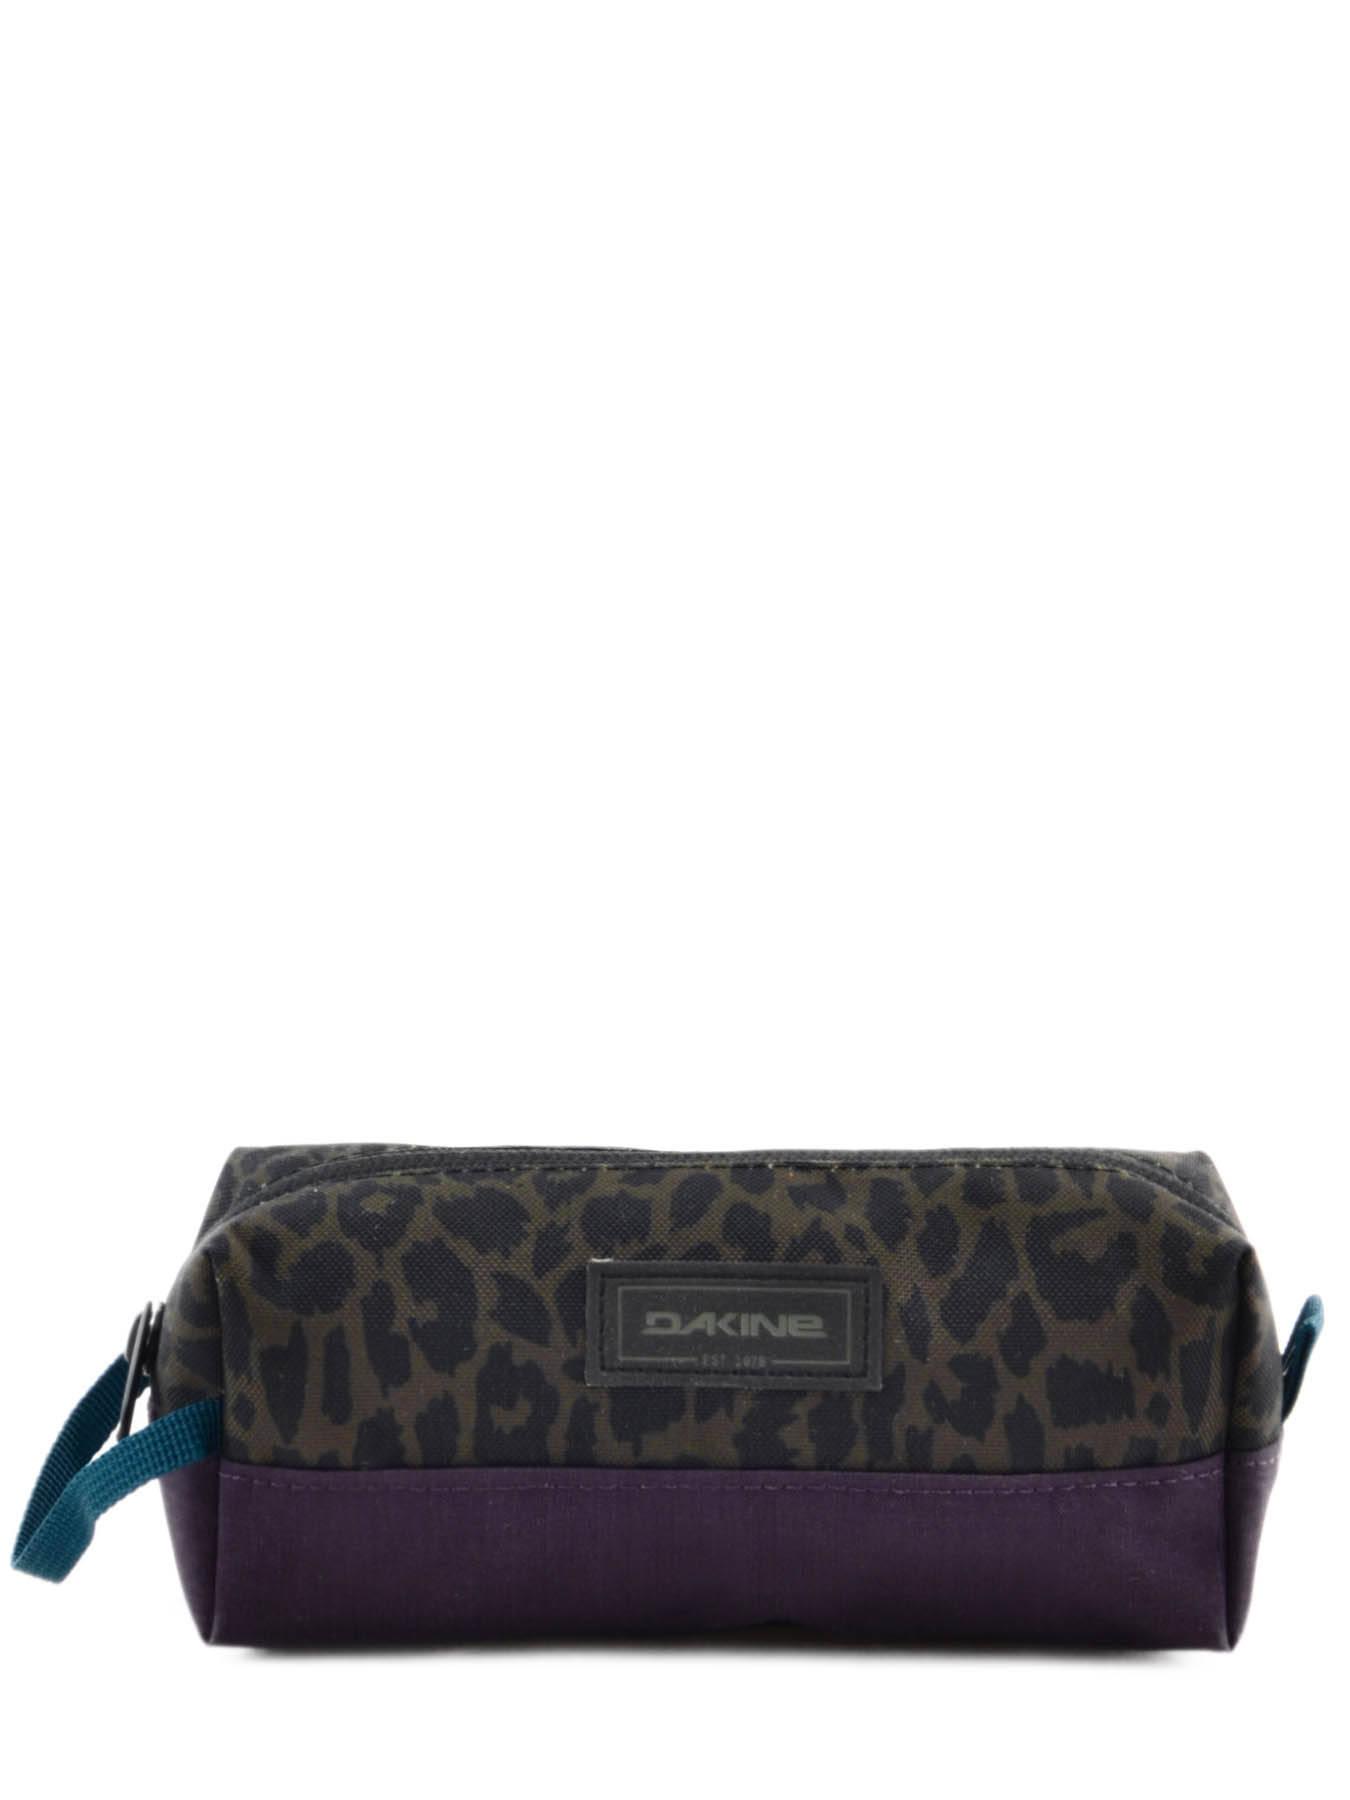 398b7ddf69 Trousse Dakine Vert girl packs 8260-005 : Girls accessory case ...